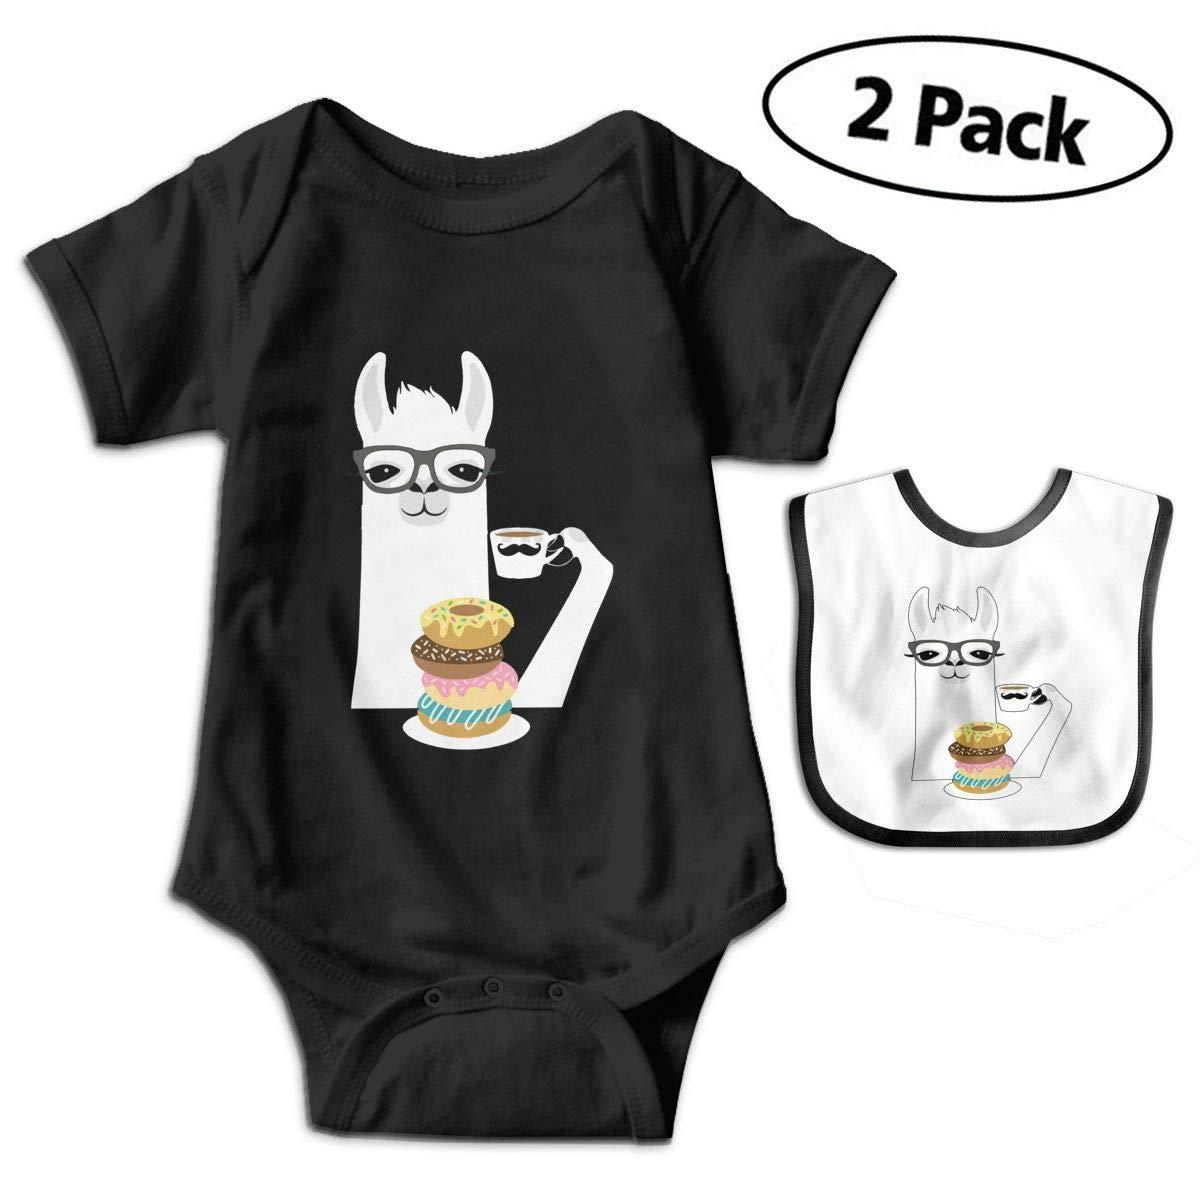 Harataki Llama Donut Unisex-Baby Newborn Short-Sleeve Bodysuit Rompers